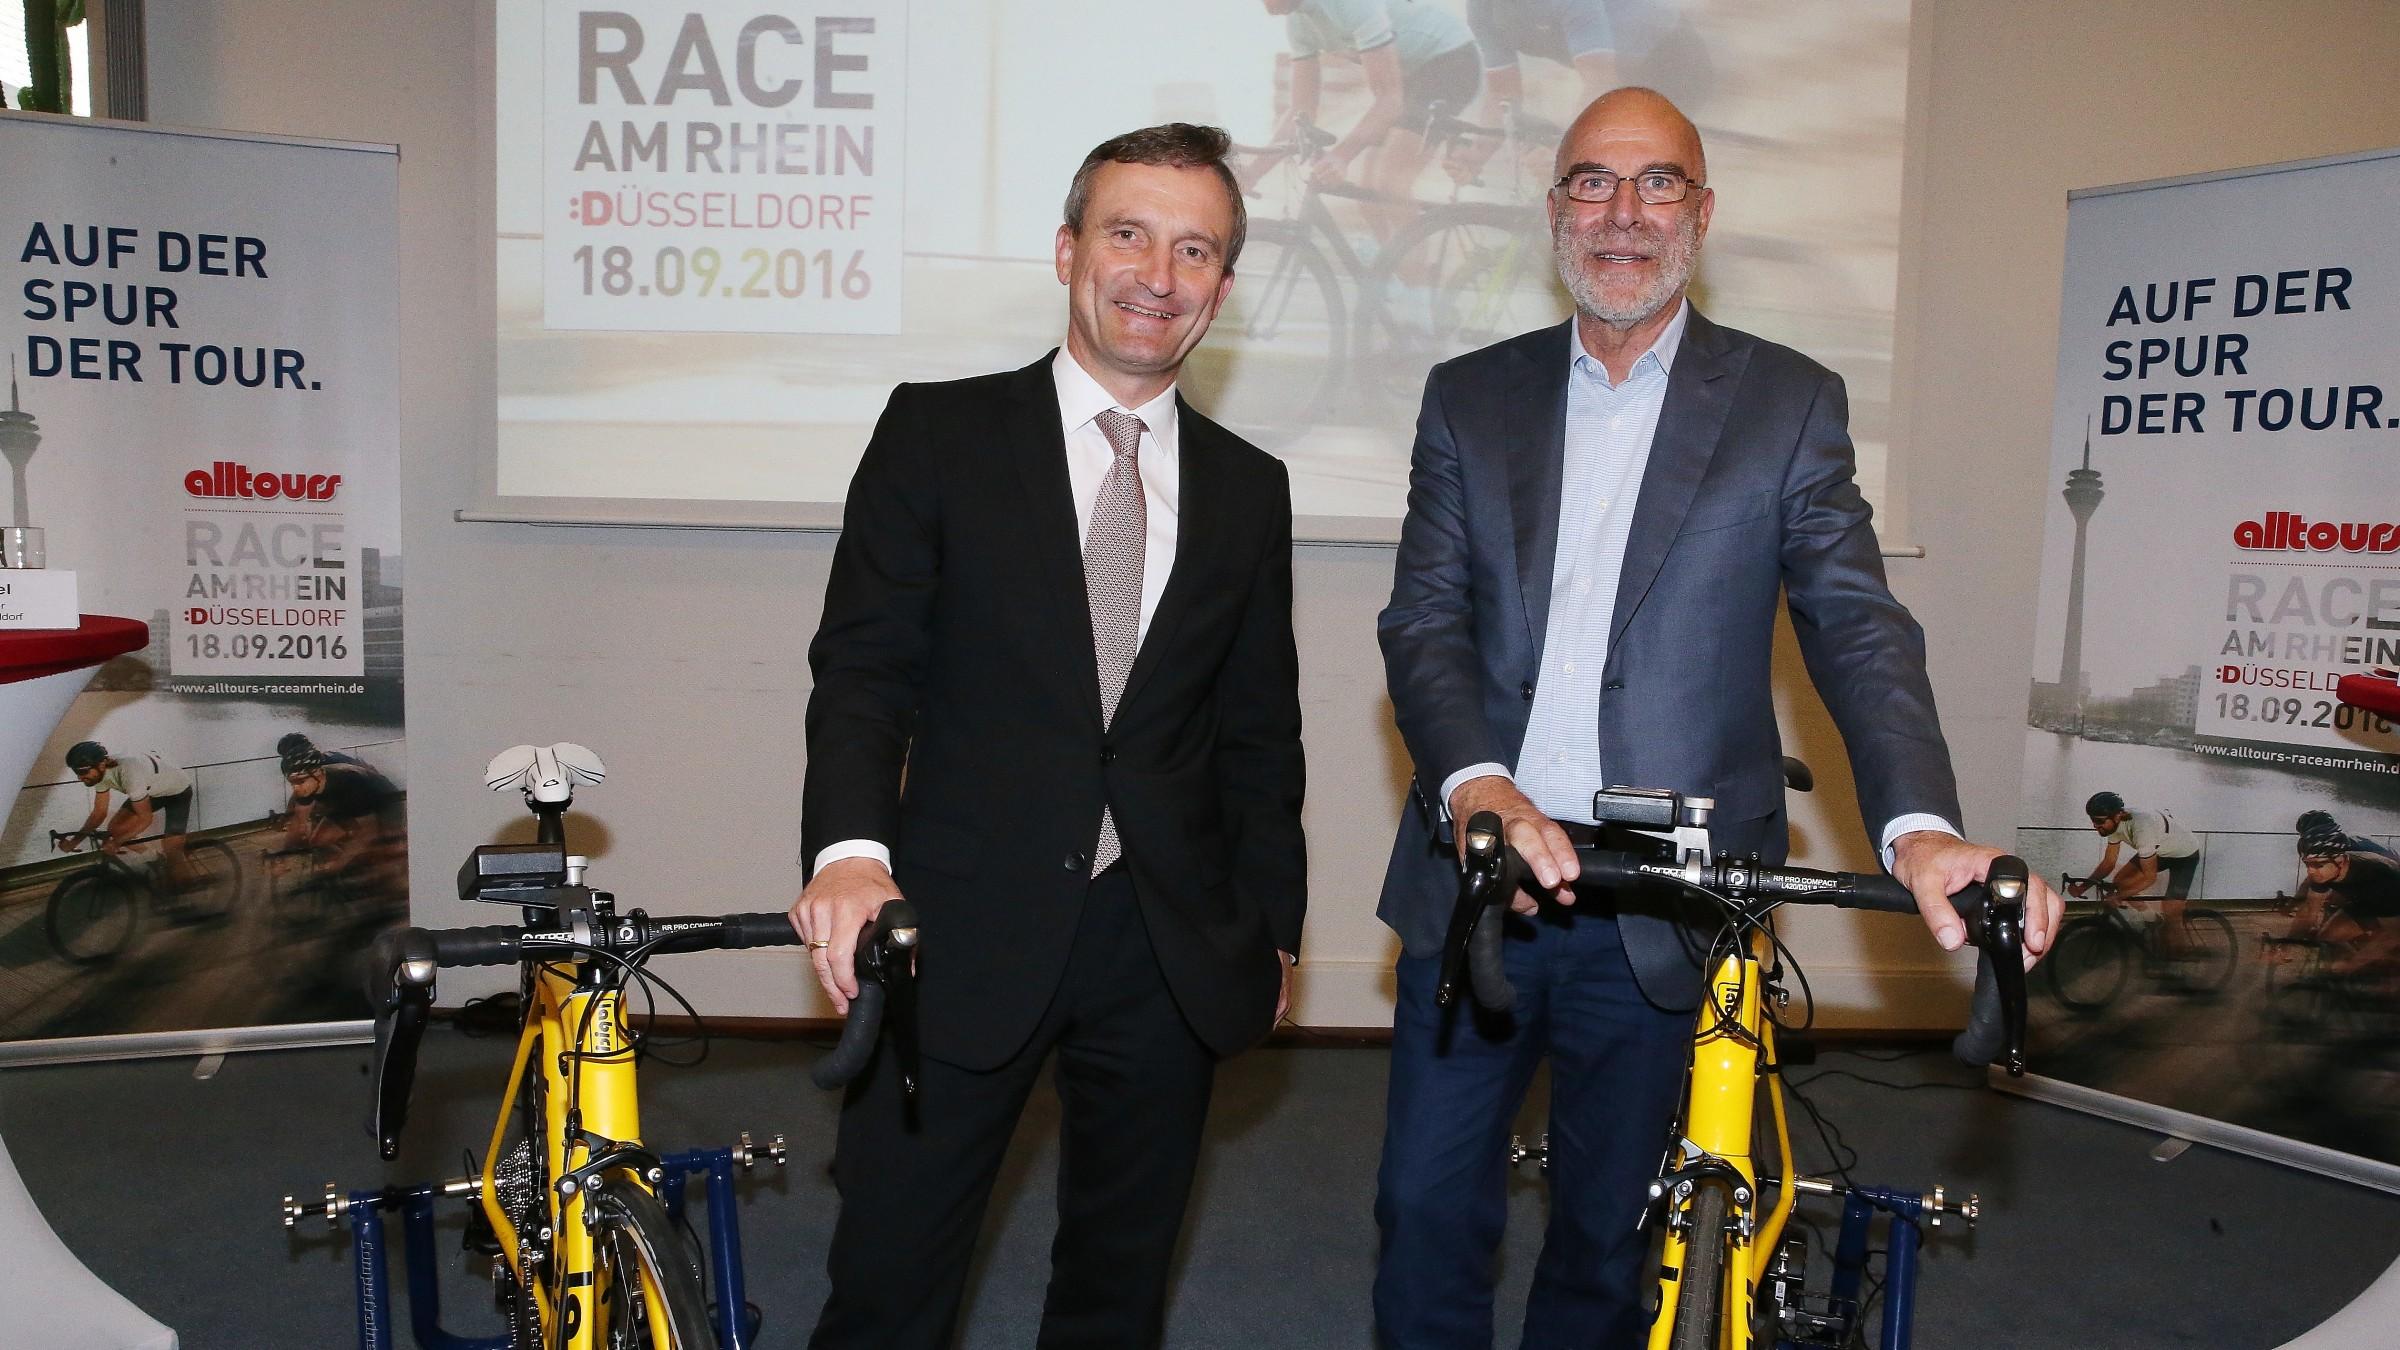 """Auf Der Spur Der Tour – Alltours Wird Titelsponsor Des """"Race Am Rhein"""""""